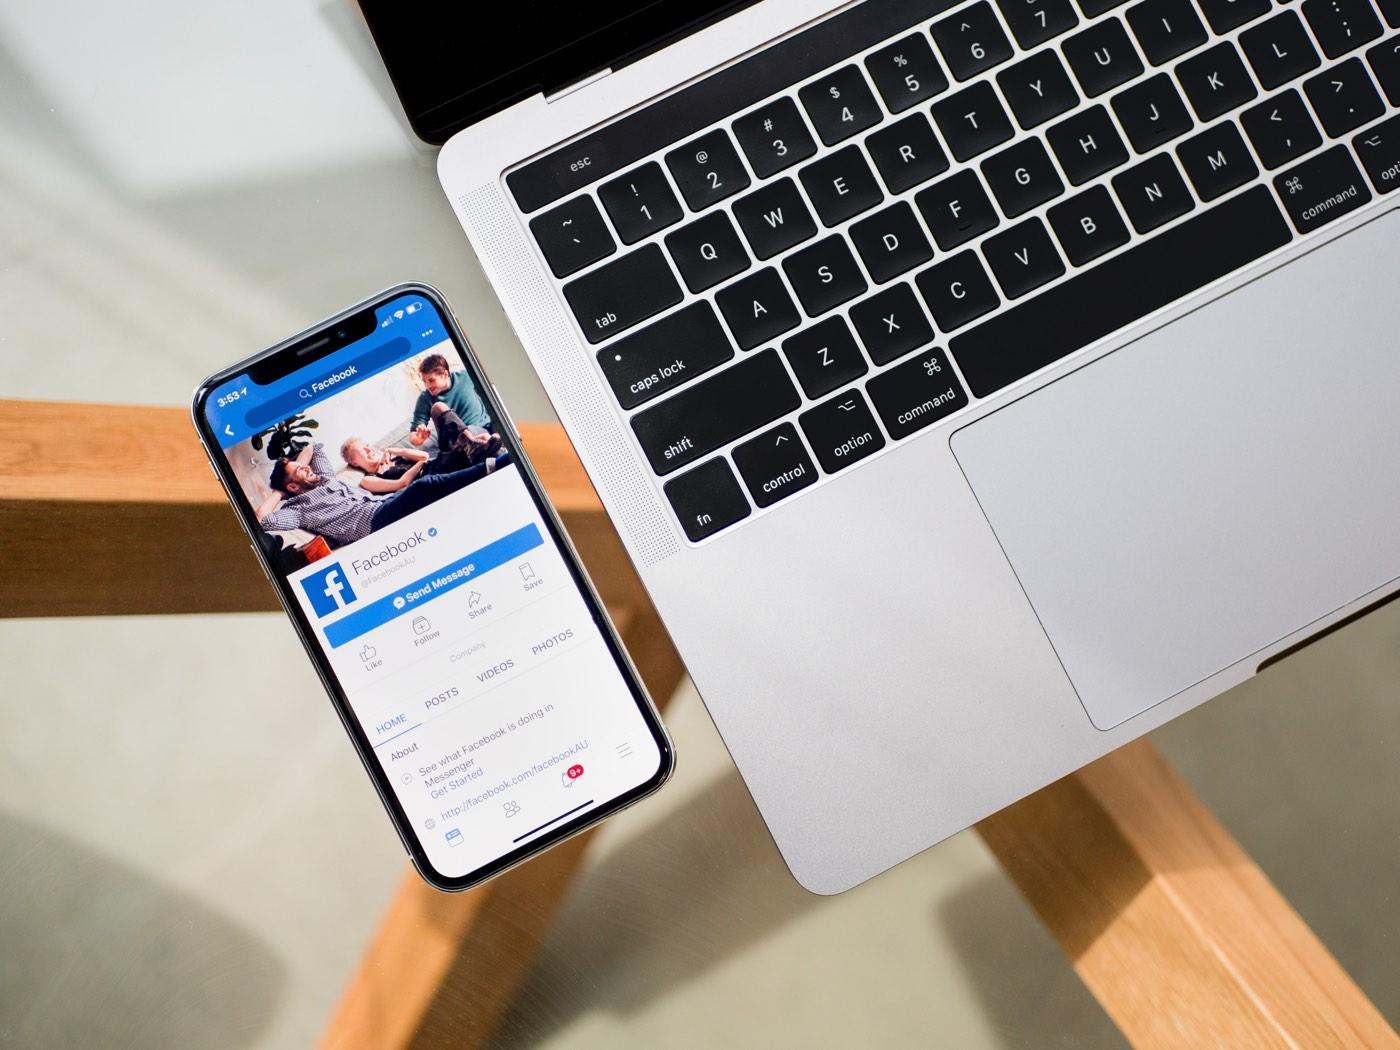 iOS 14 : Apple veut protéger votre vie privée et ça ne plaît pas à Facebook